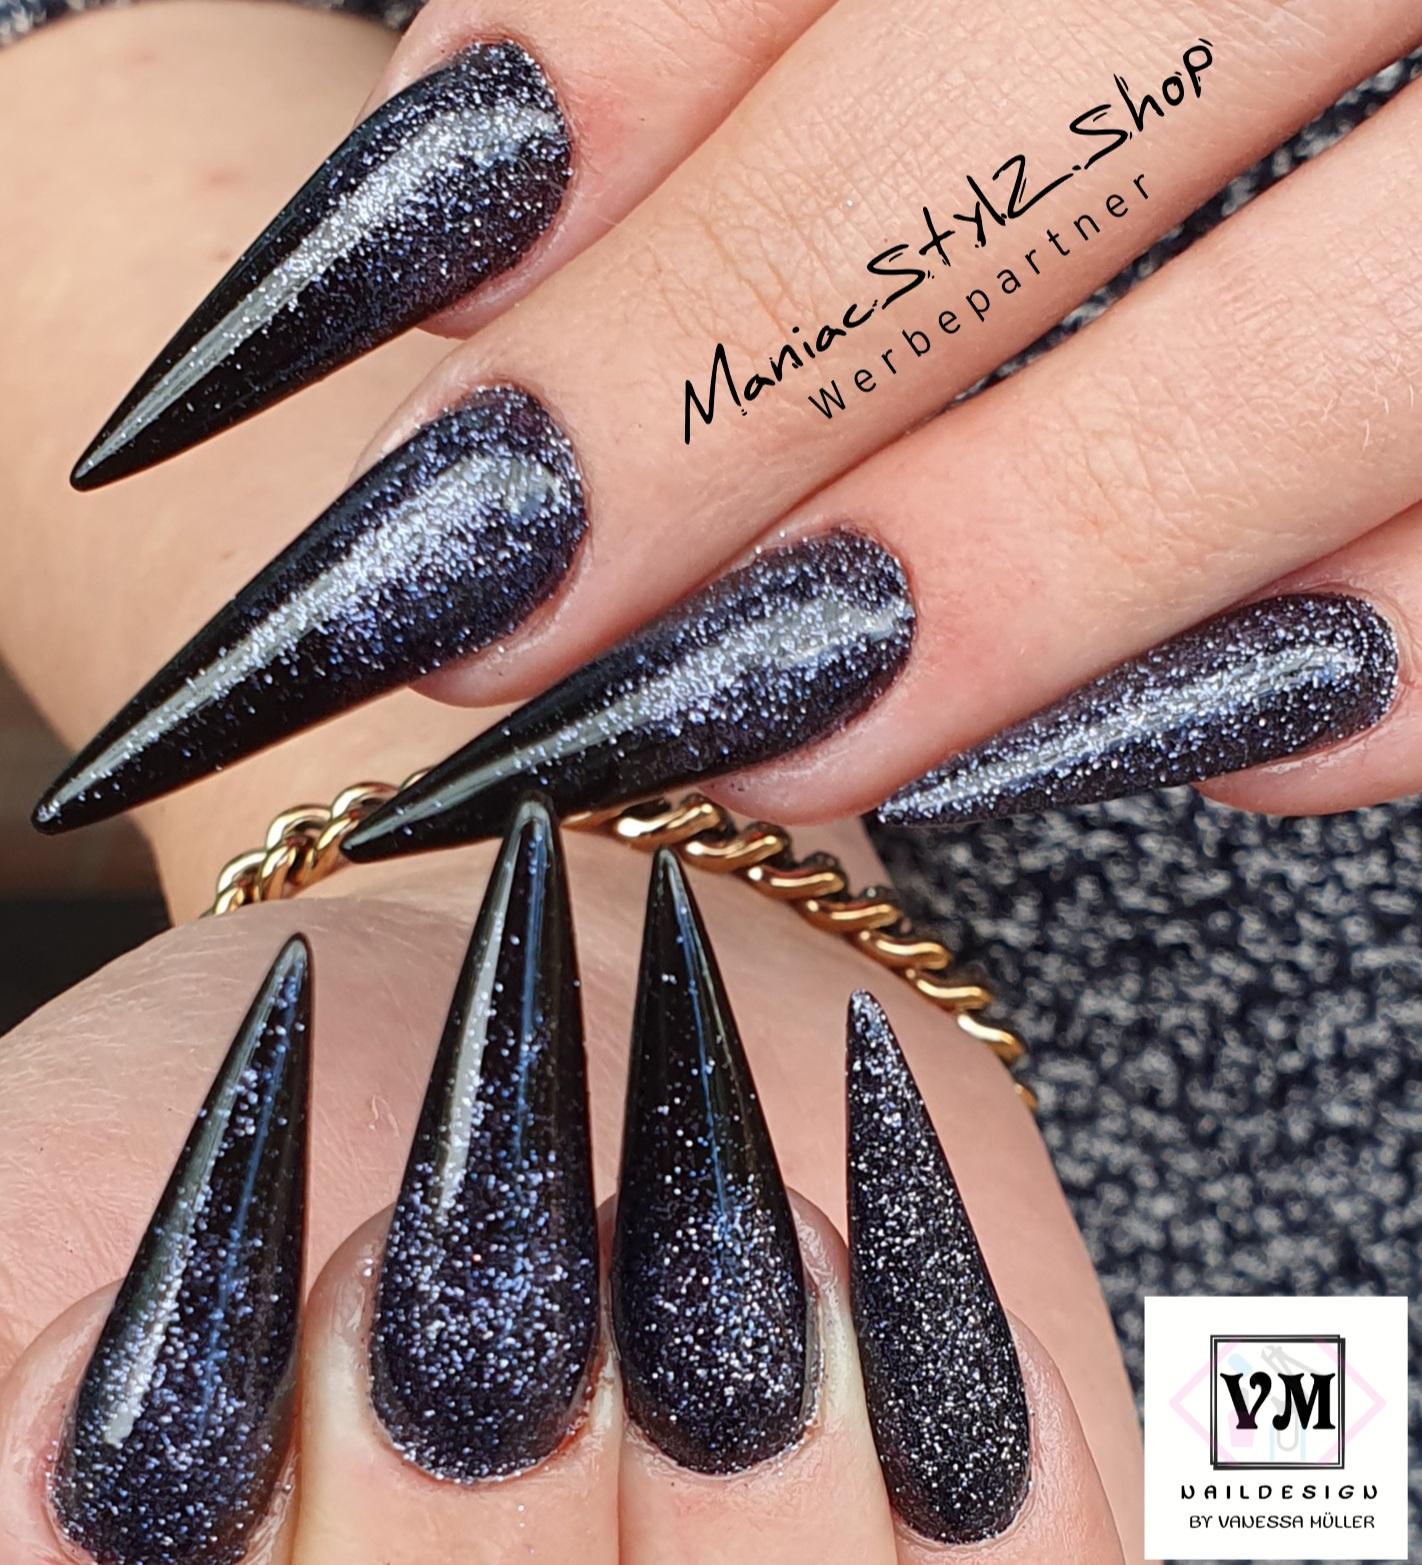 nagel design - maniac stylz 7